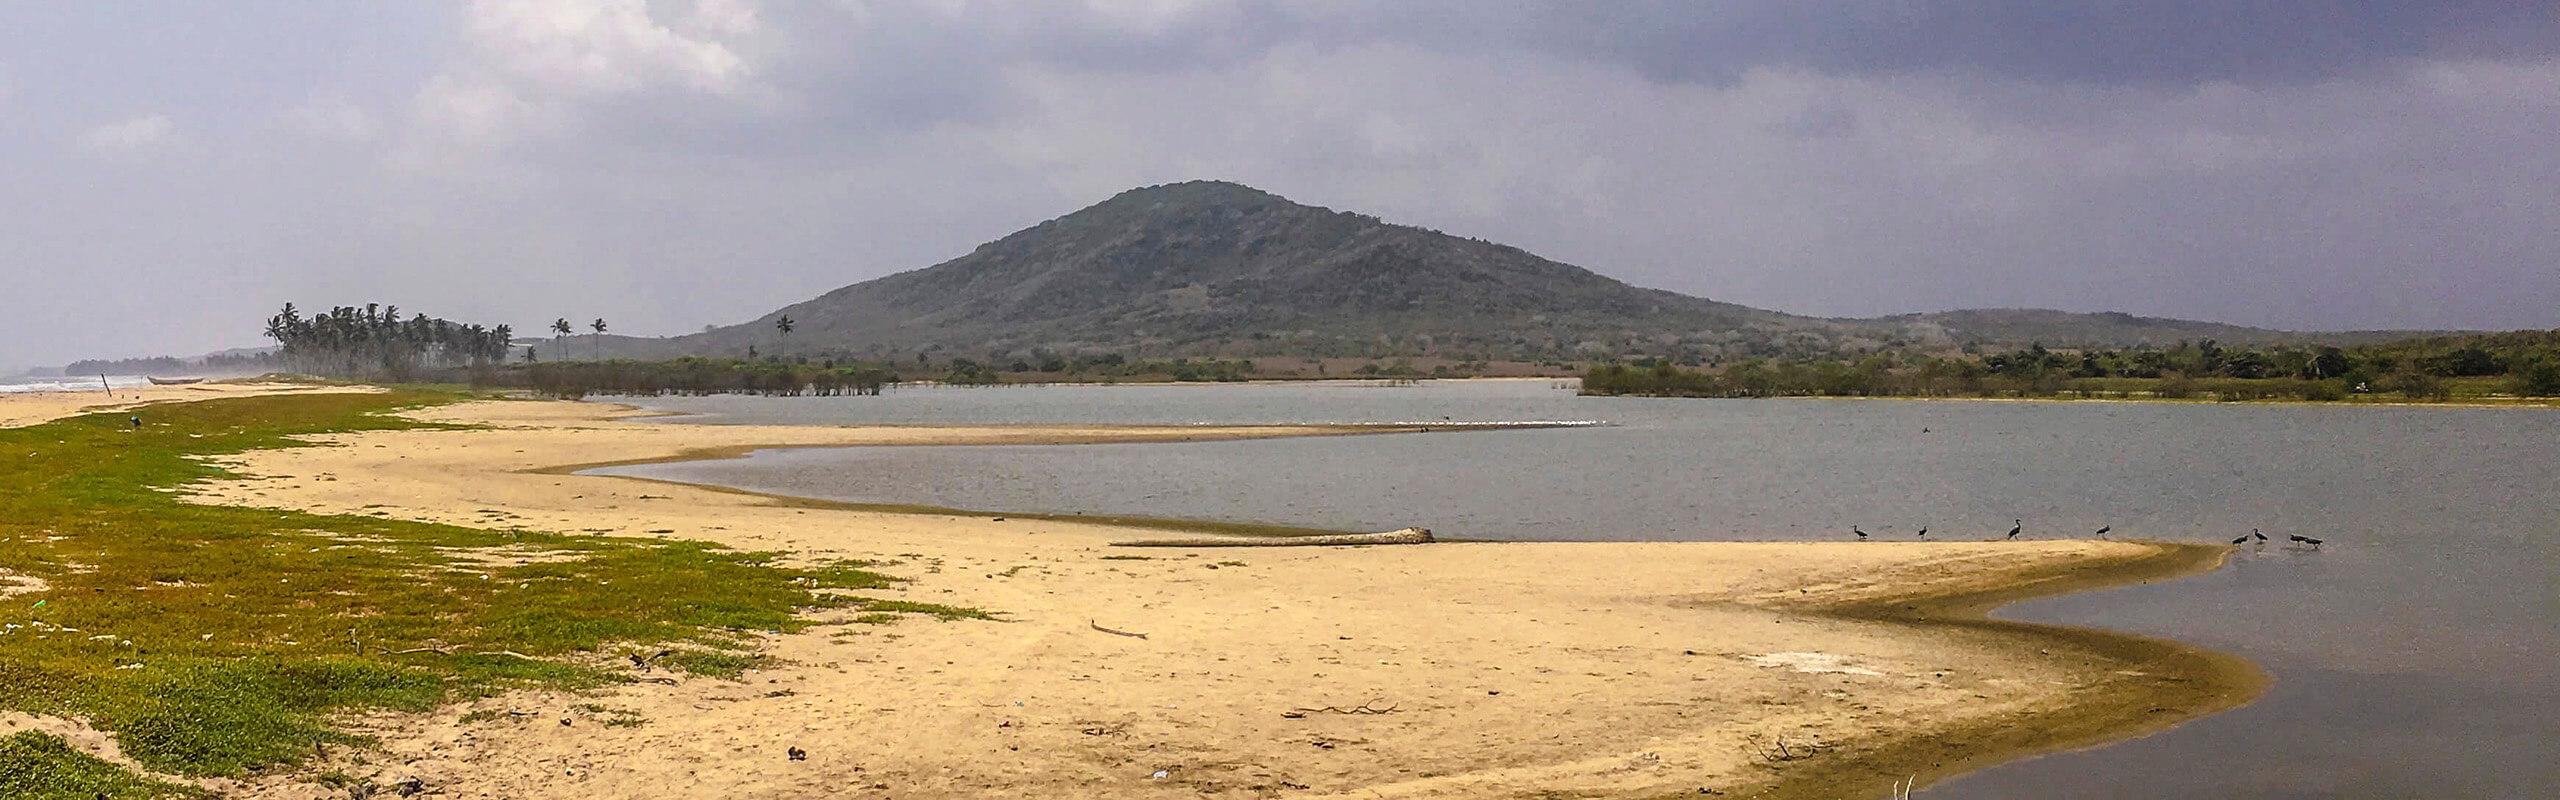 the Muni-Pomadze lagoon-barrier system in Winneba, Ghana